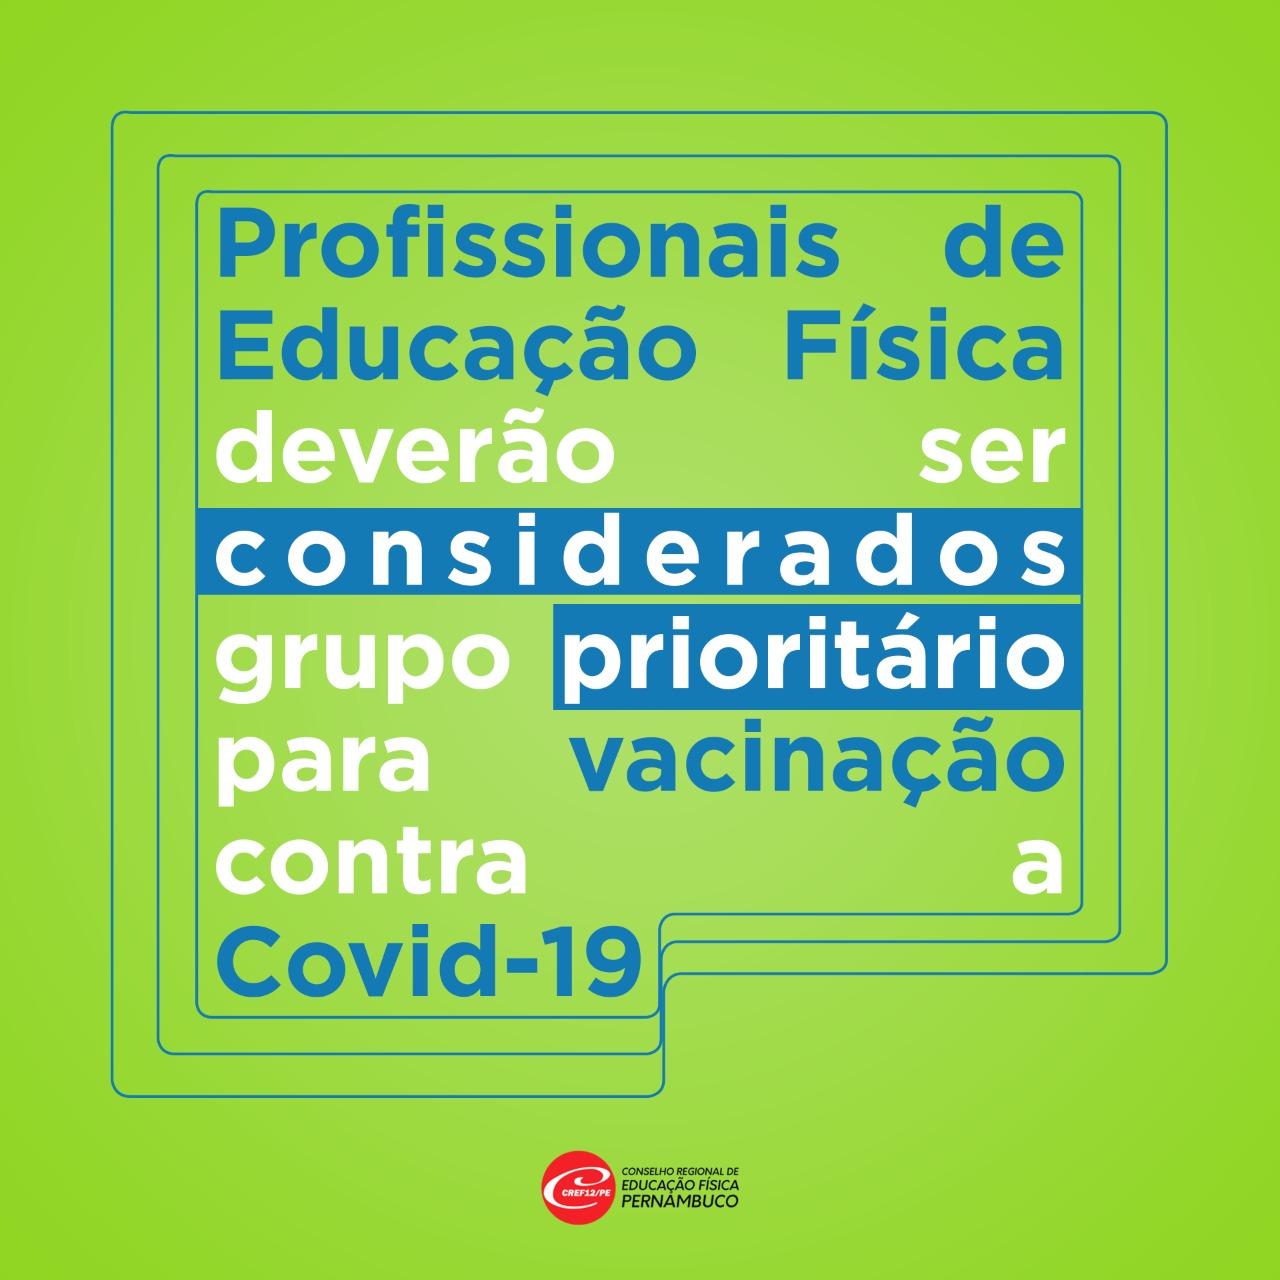 CREF12/PE solicita inclusão do Profissional de Educação Física no grupo prioritário da vacinação contra a COVID-19